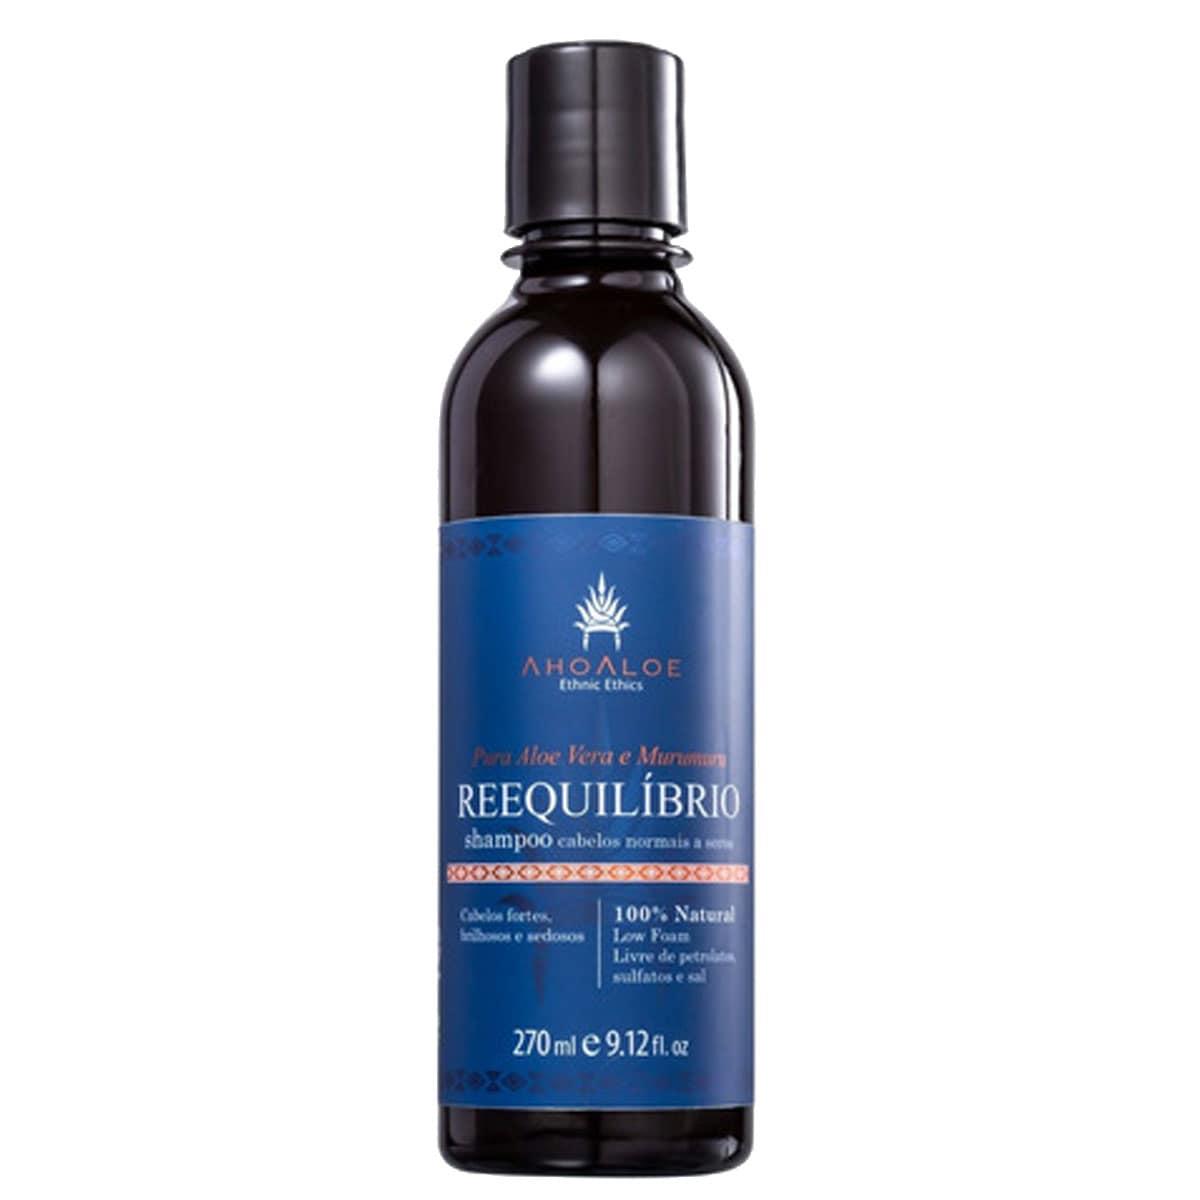 Shampoo Reequilíbrio 270ml - Ahoaloe